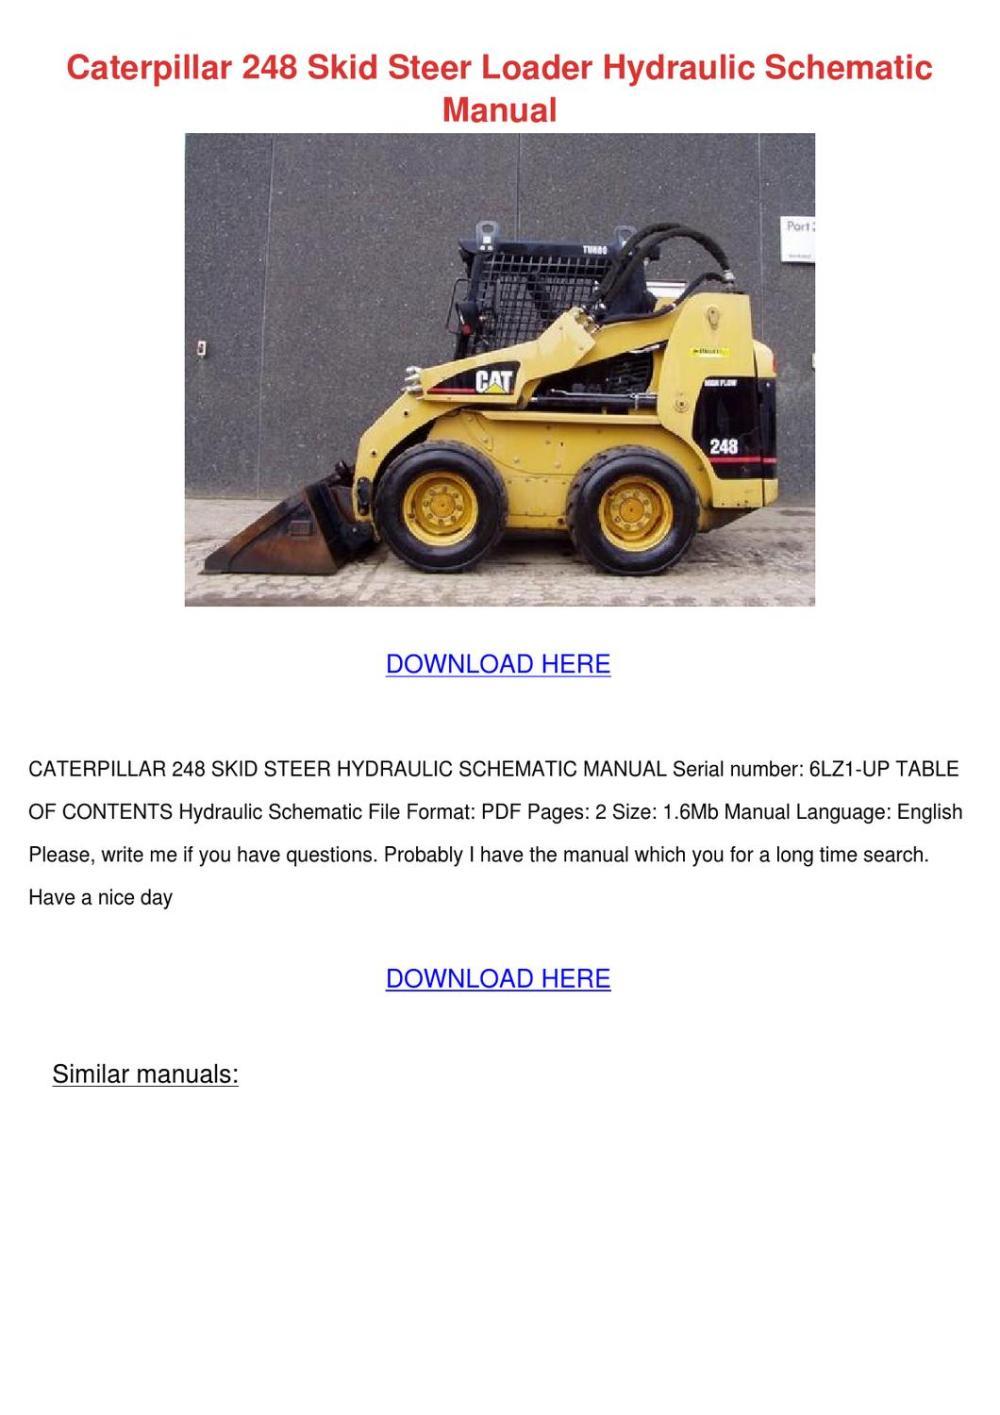 medium resolution of caterpillar 248 skid steer loader hydraulic s